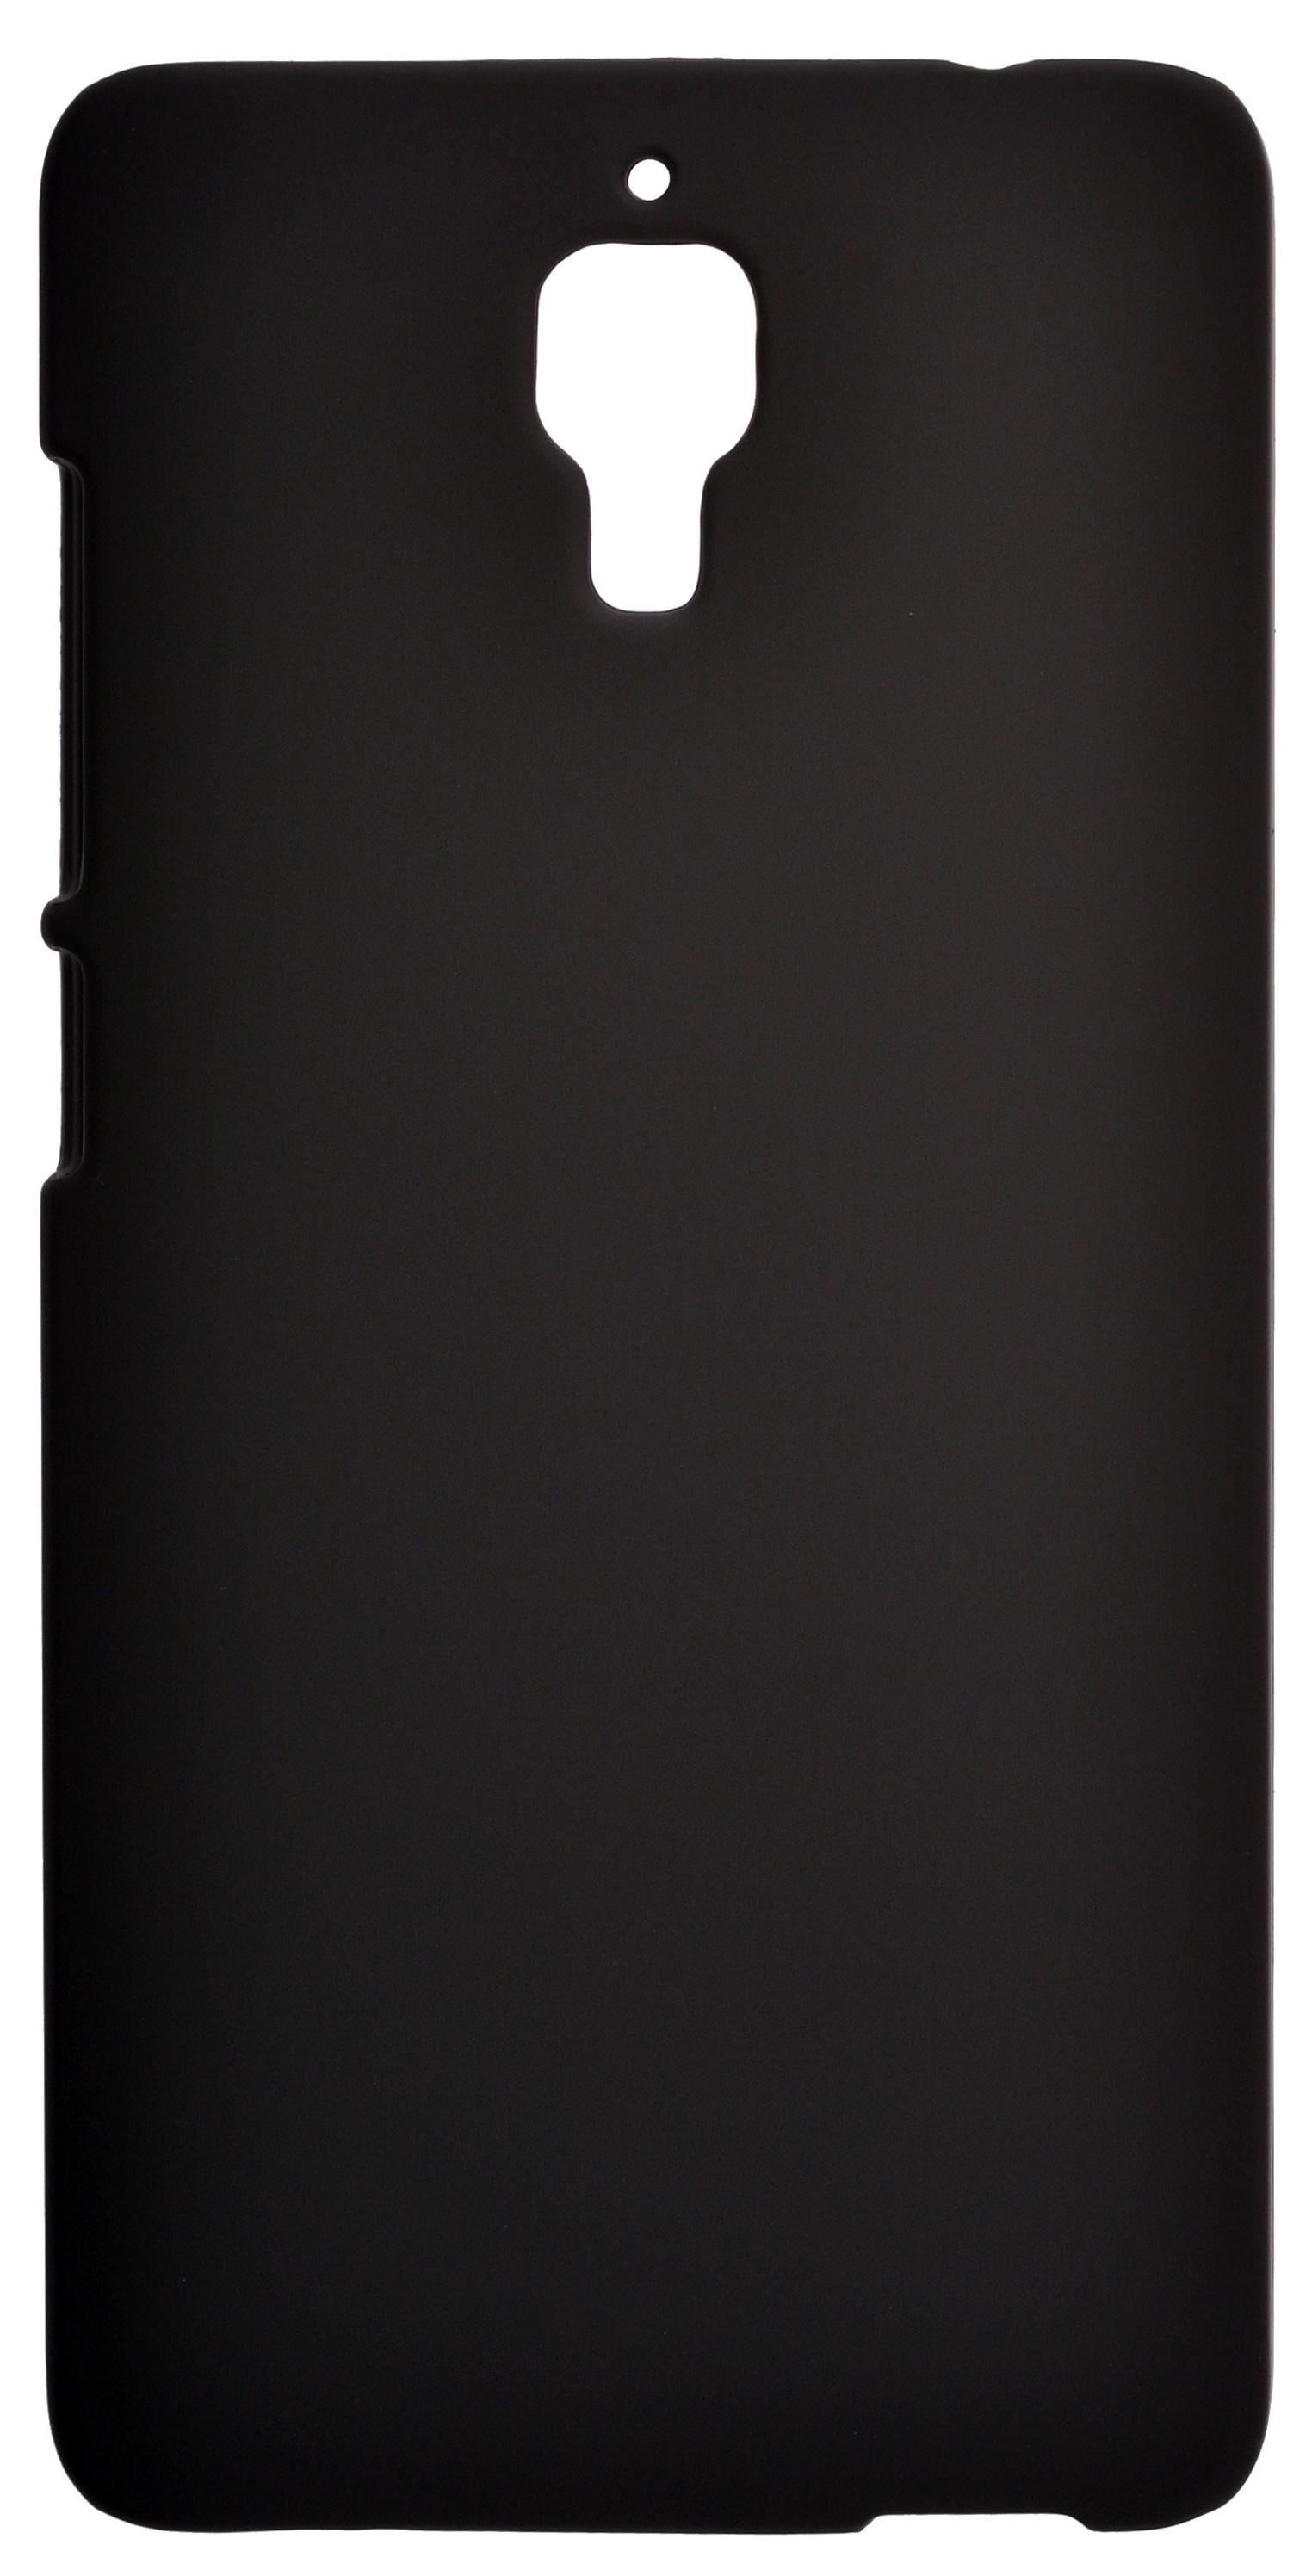 Чехол для сотового телефона skinBOX 4People, 4630042528604, черный стоимость